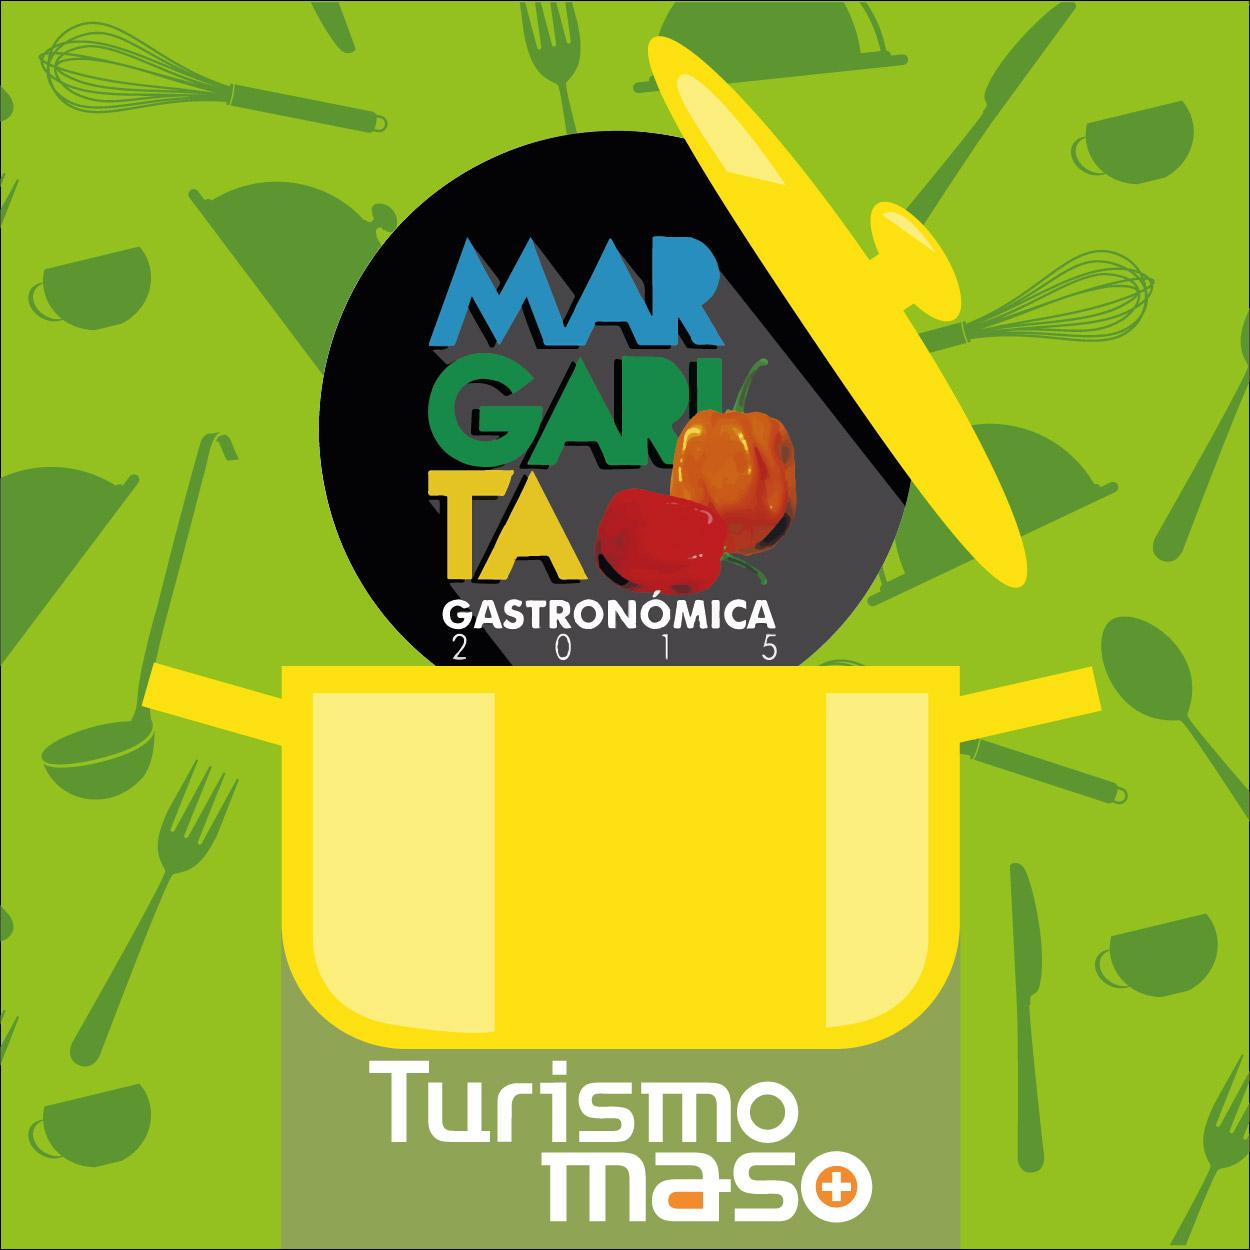 magta_gastronomica-01